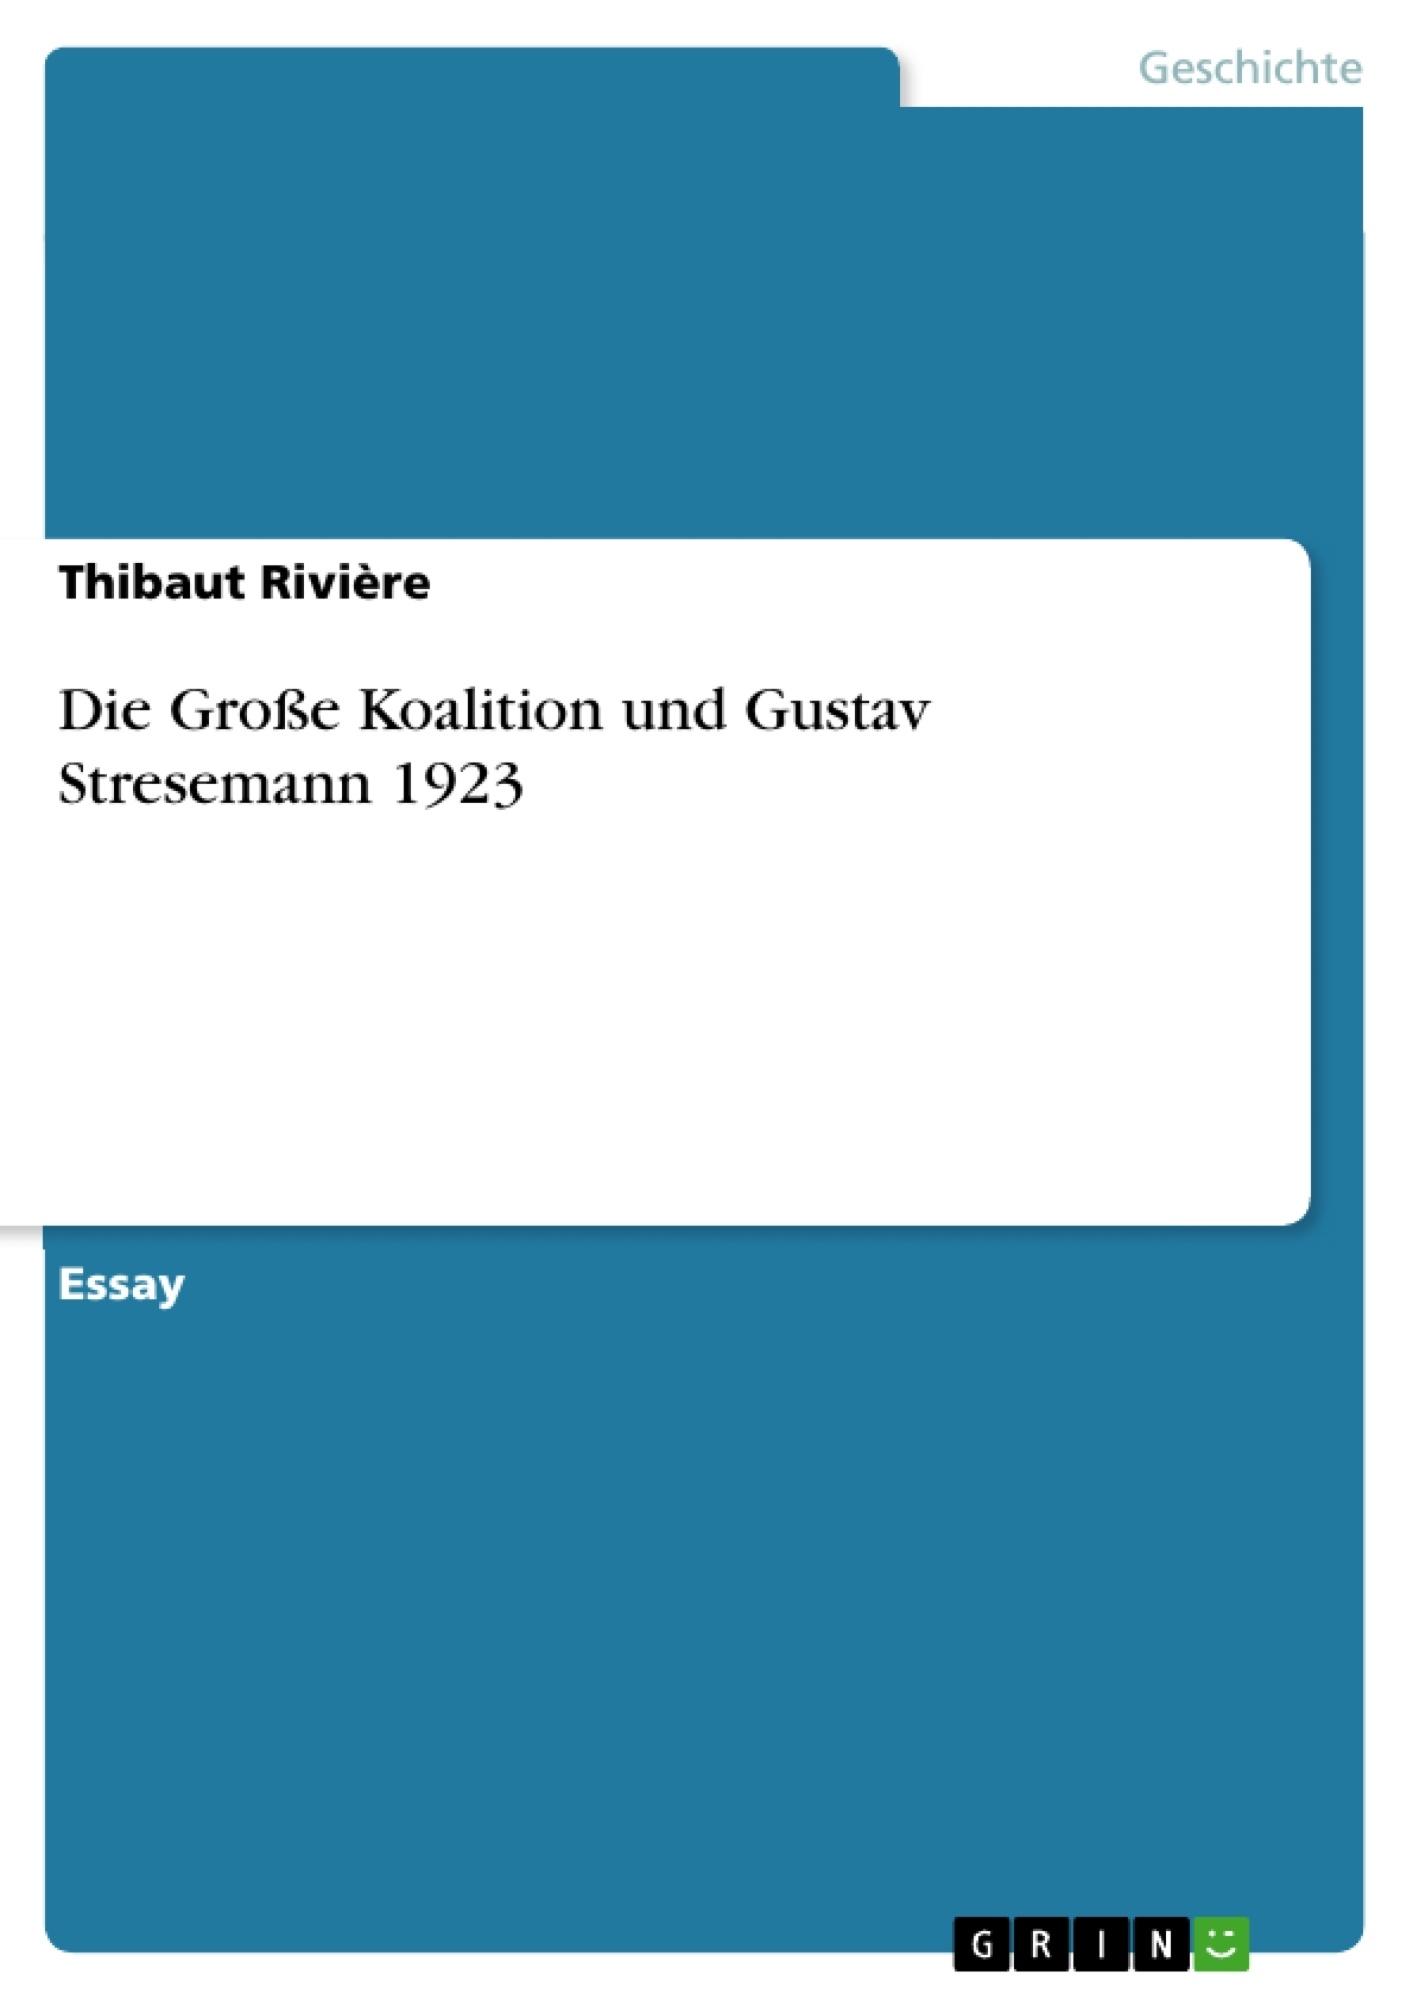 Titel: Die Große Koalition und Gustav Stresemann 1923